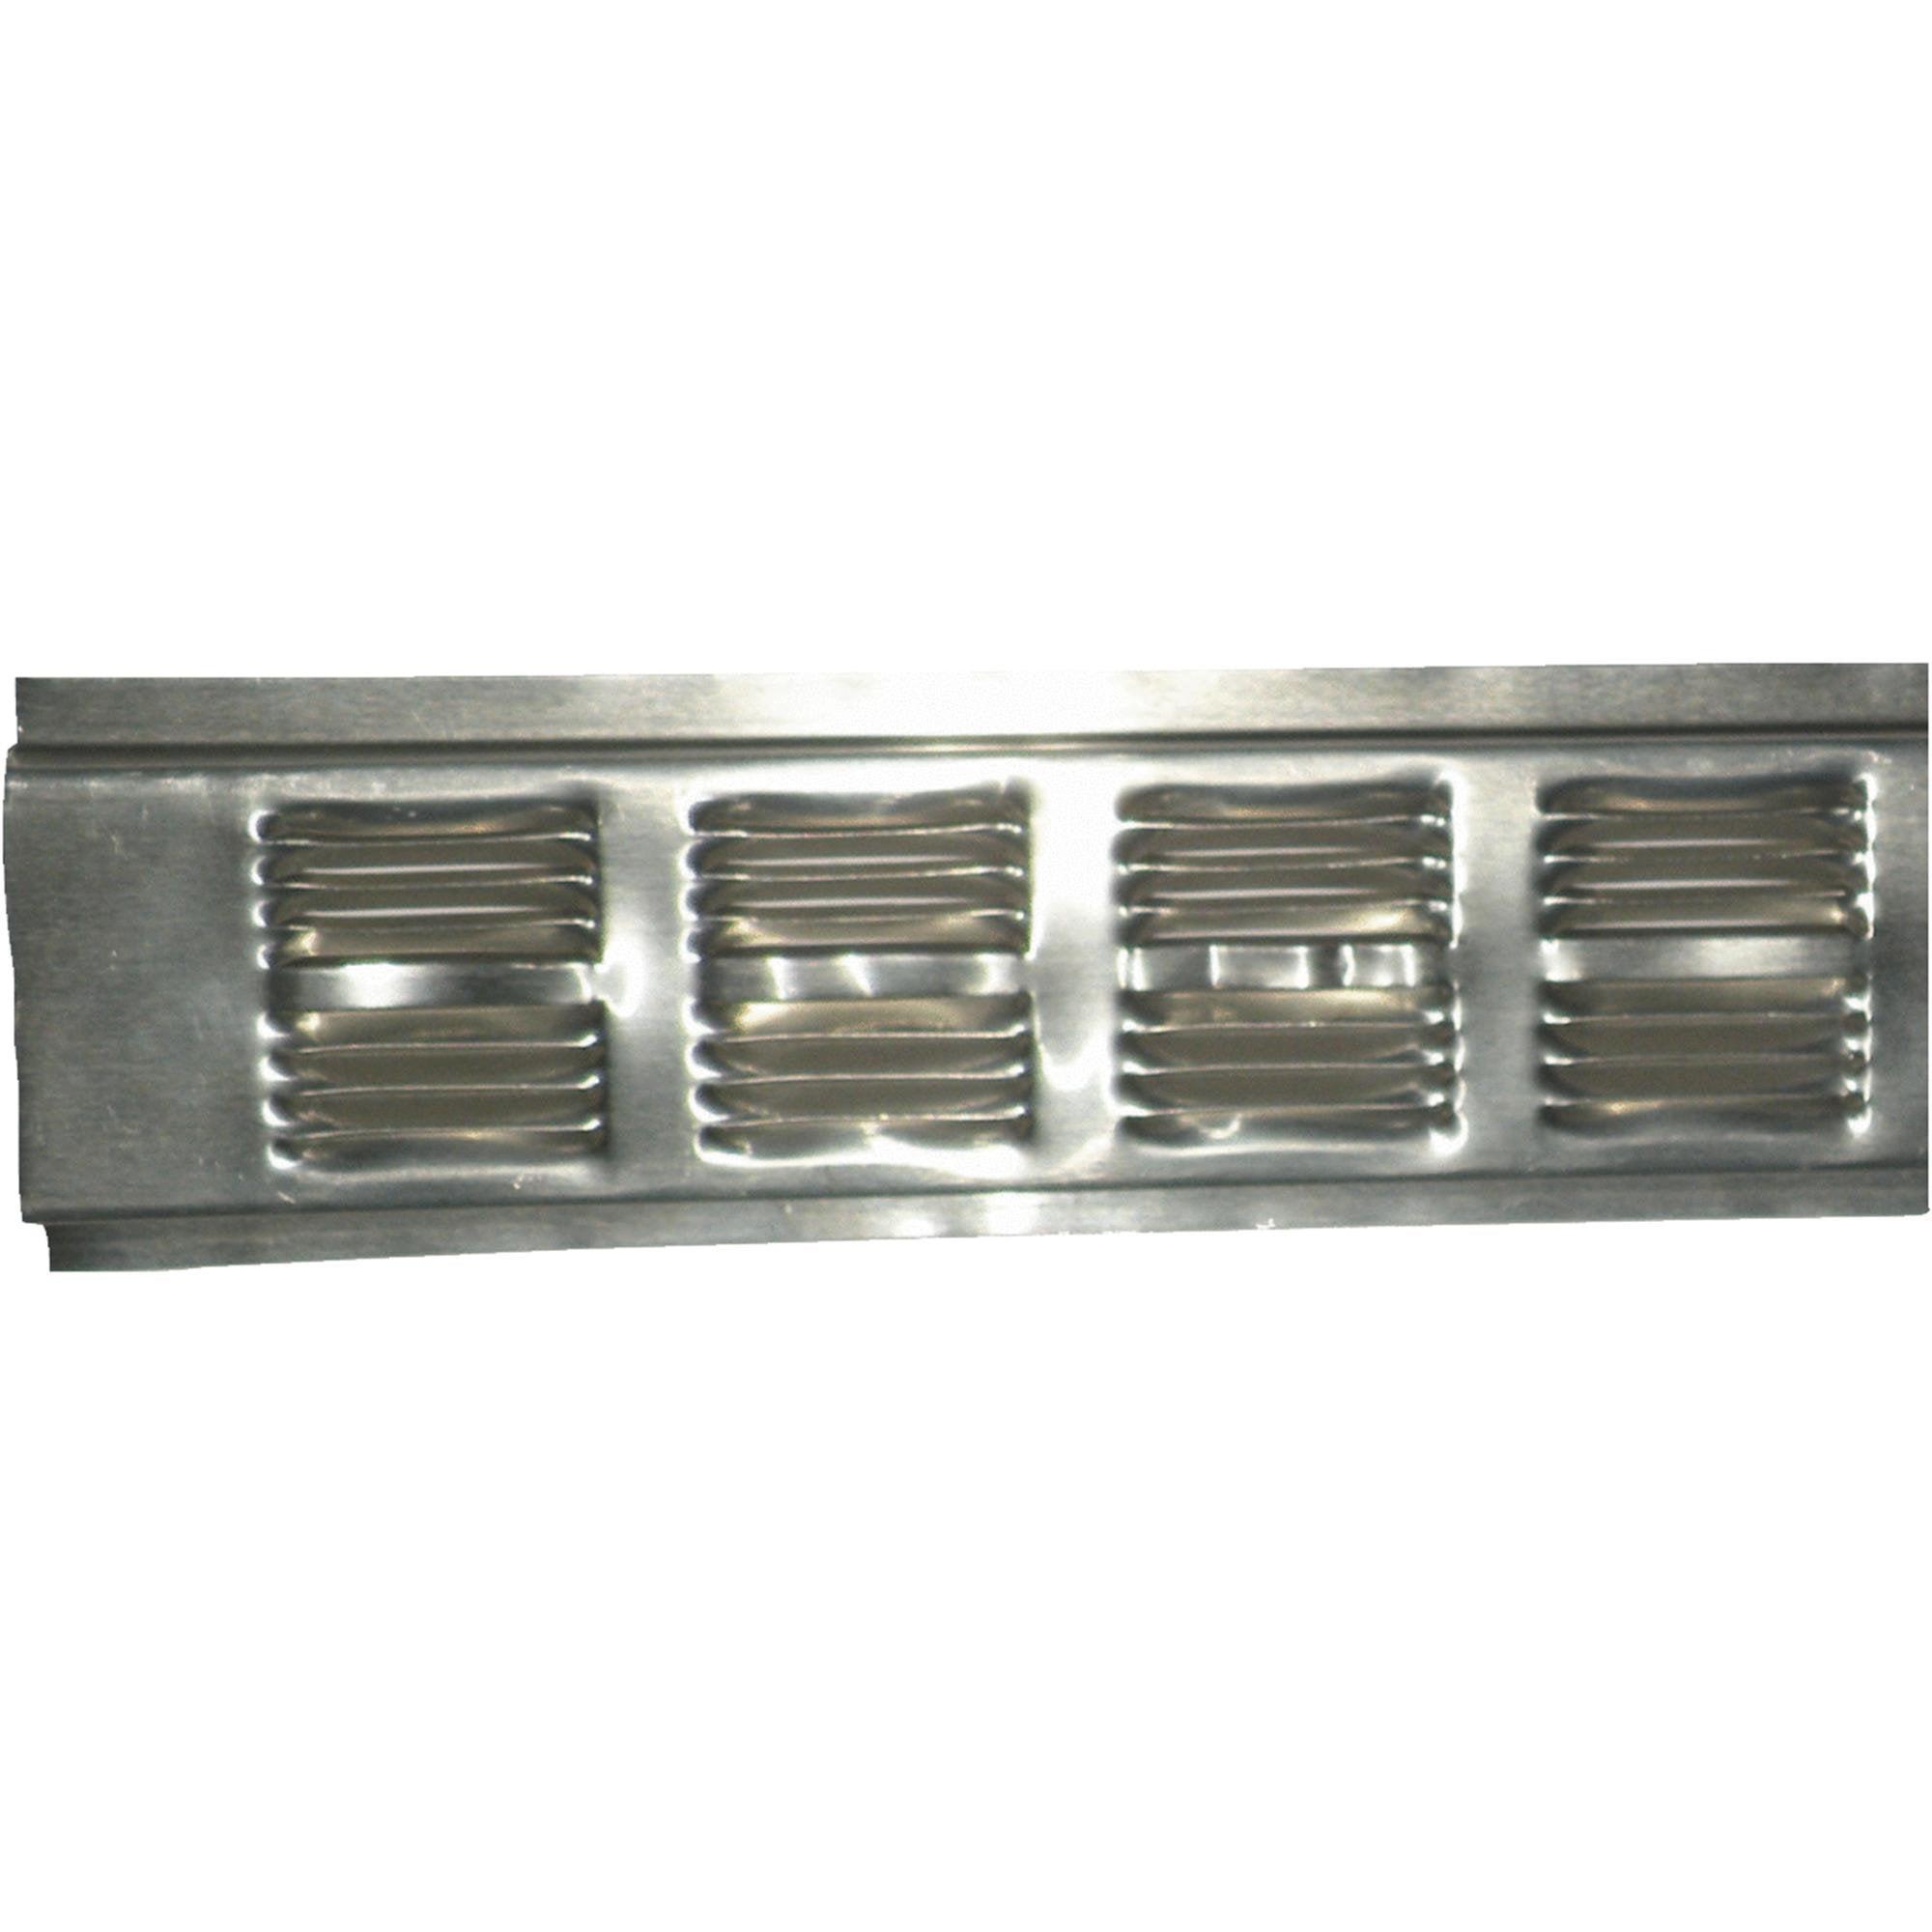 Image of Air Vent Continuous Aluminum Soffit and Under Eave Vent - Retrofit